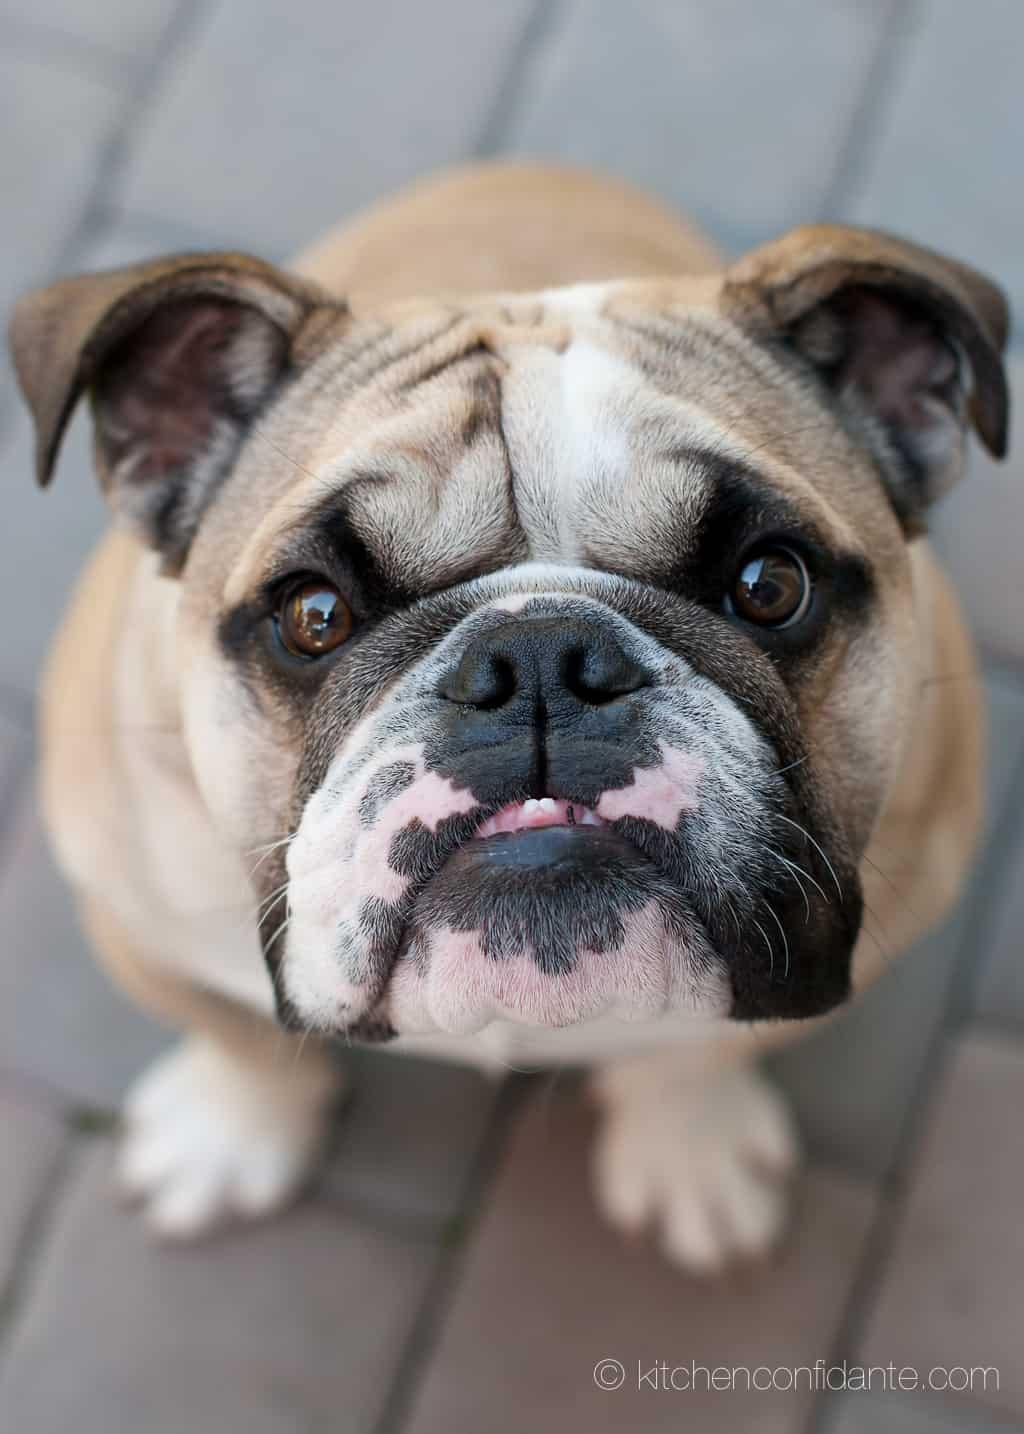 Close-up of English Bulldog's face